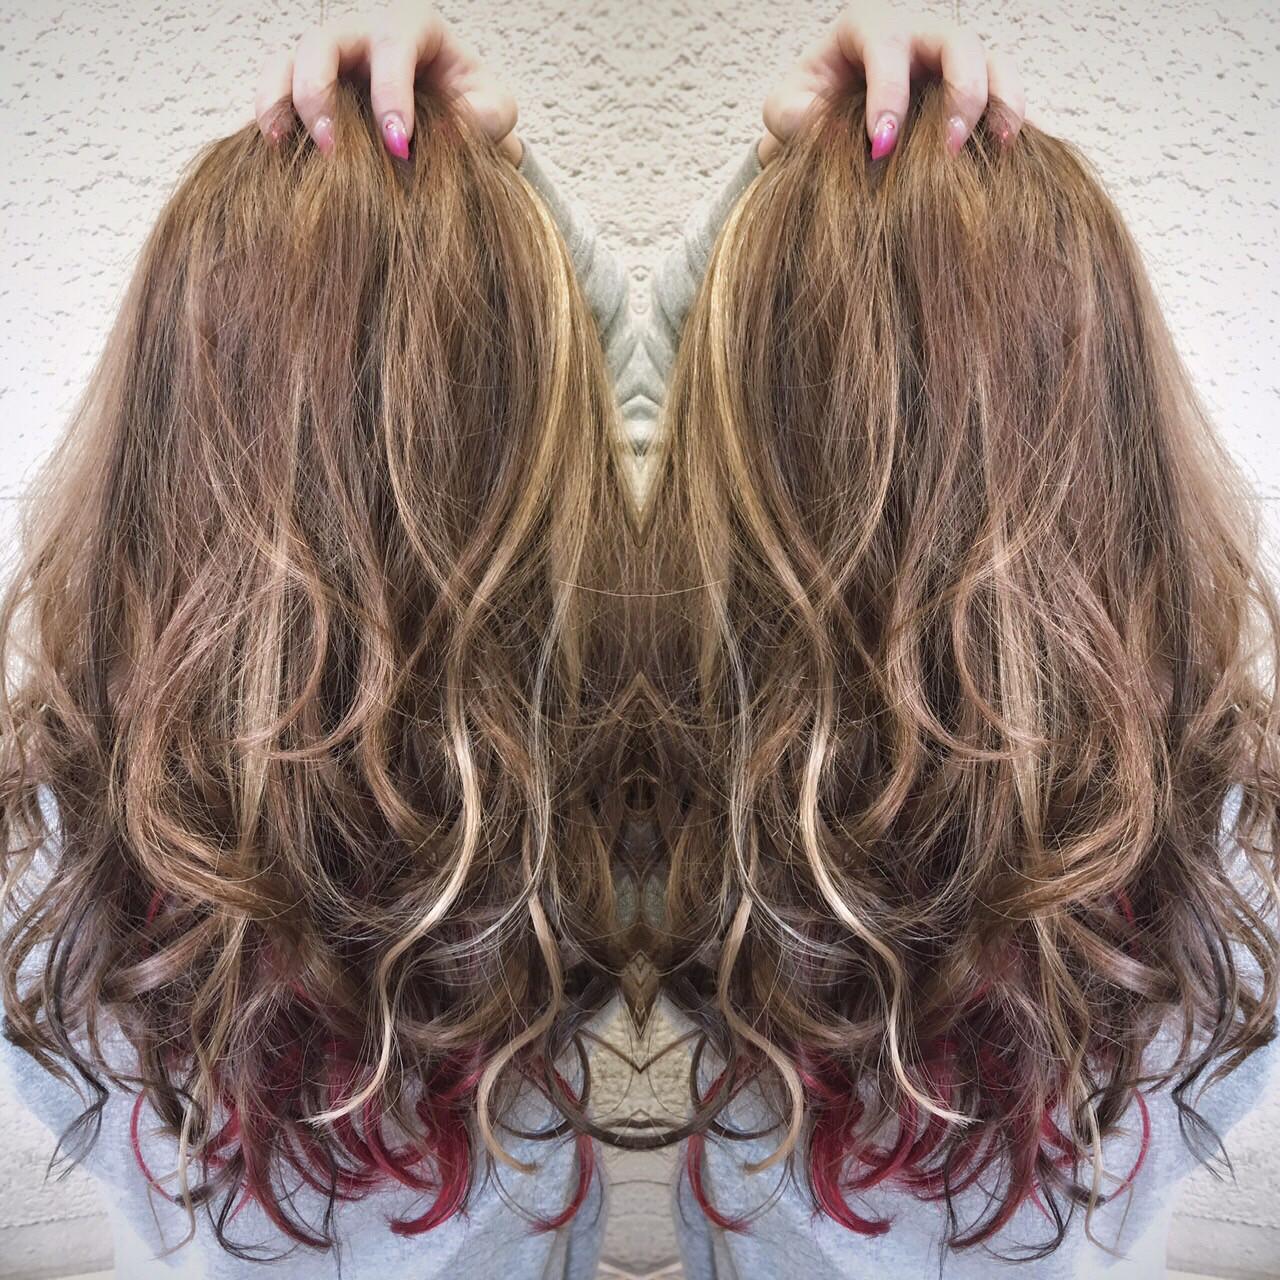 ローライト 外国人風カラー インナーカラー 外国人風 ヘアスタイルや髪型の写真・画像